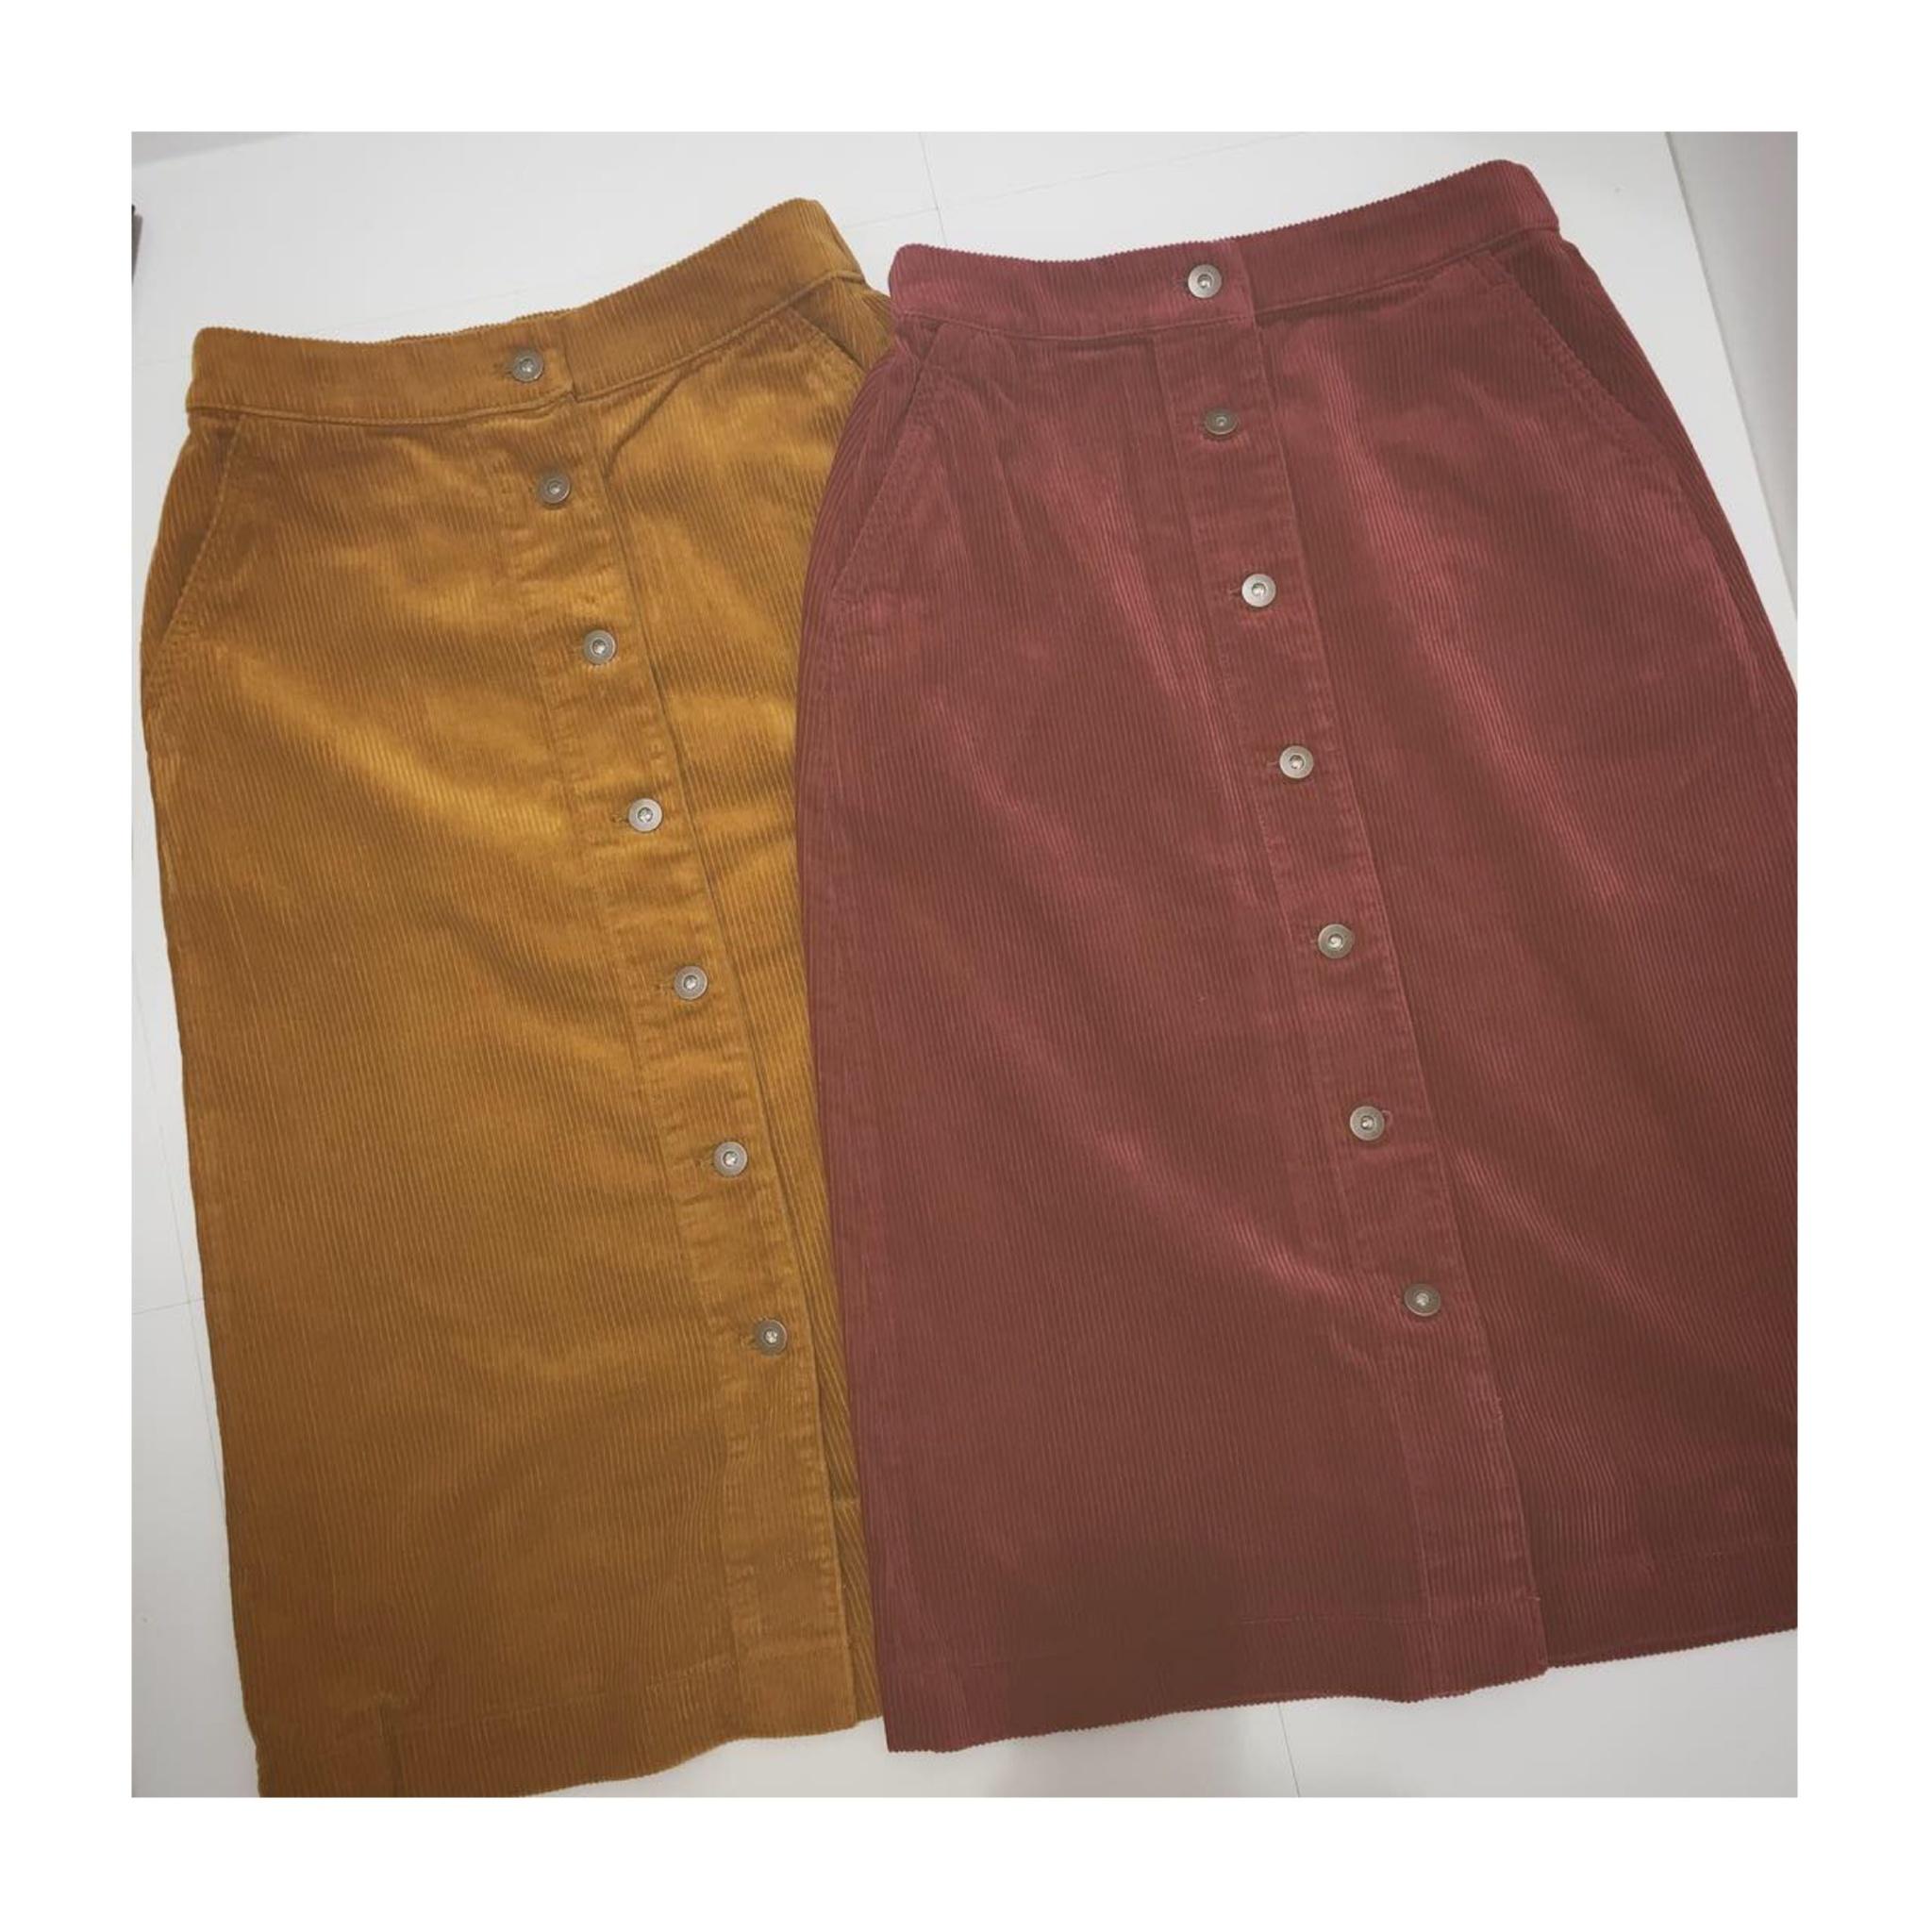 《今季トレンド❤️》【UNIQLO】のコーデュロイフロントボタンスカートが使える!☻_1